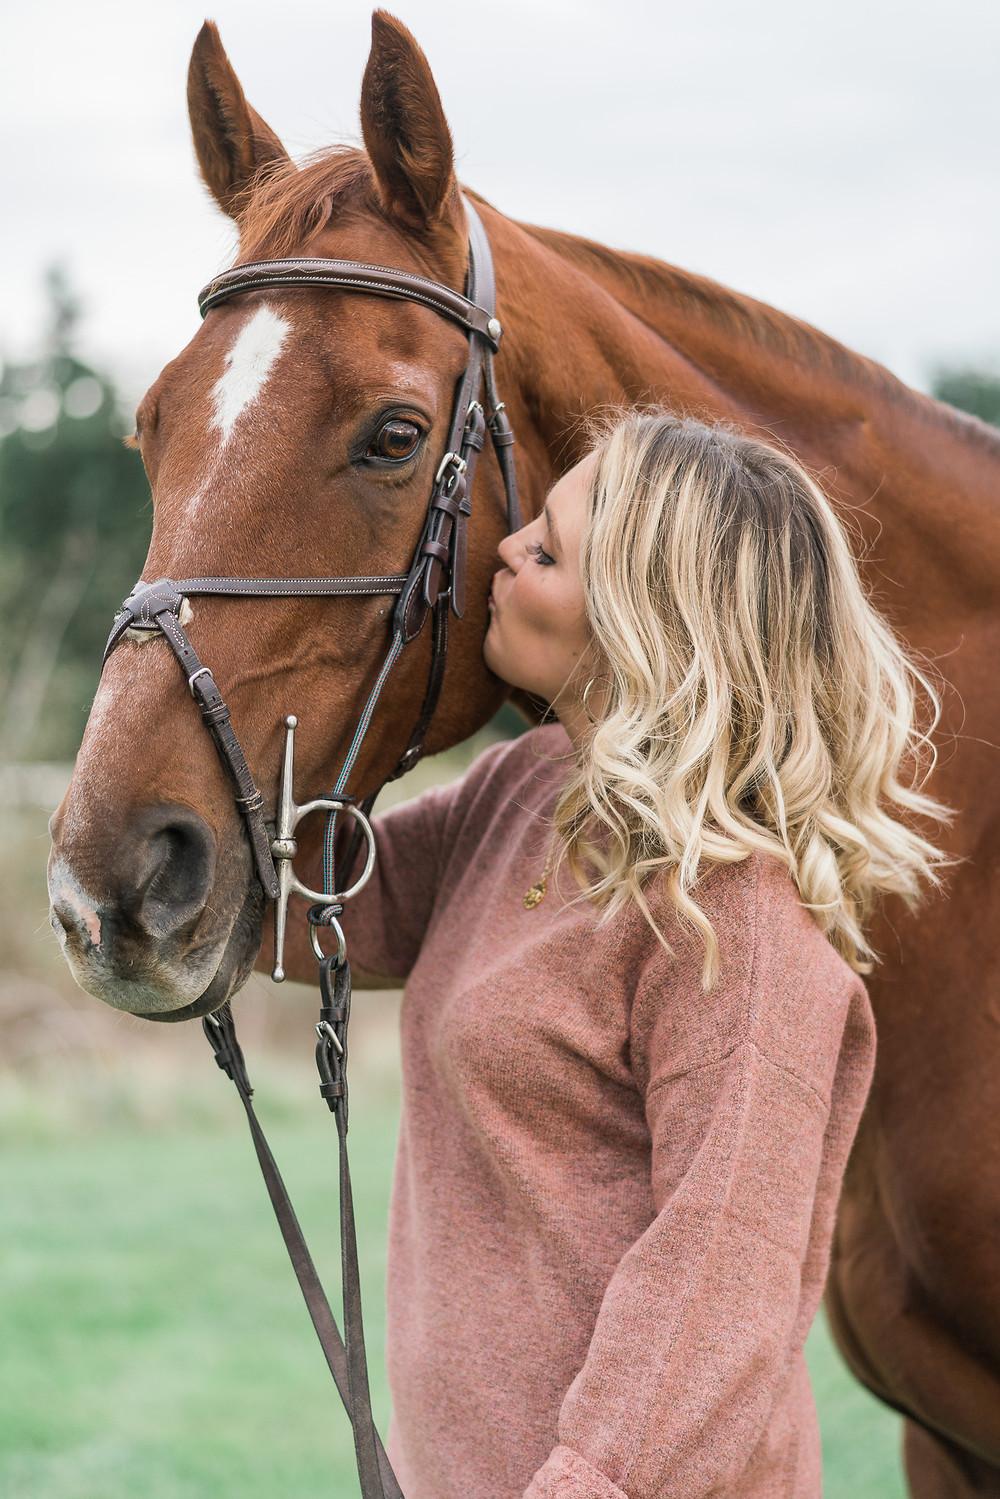 Lucy kissing Kenai